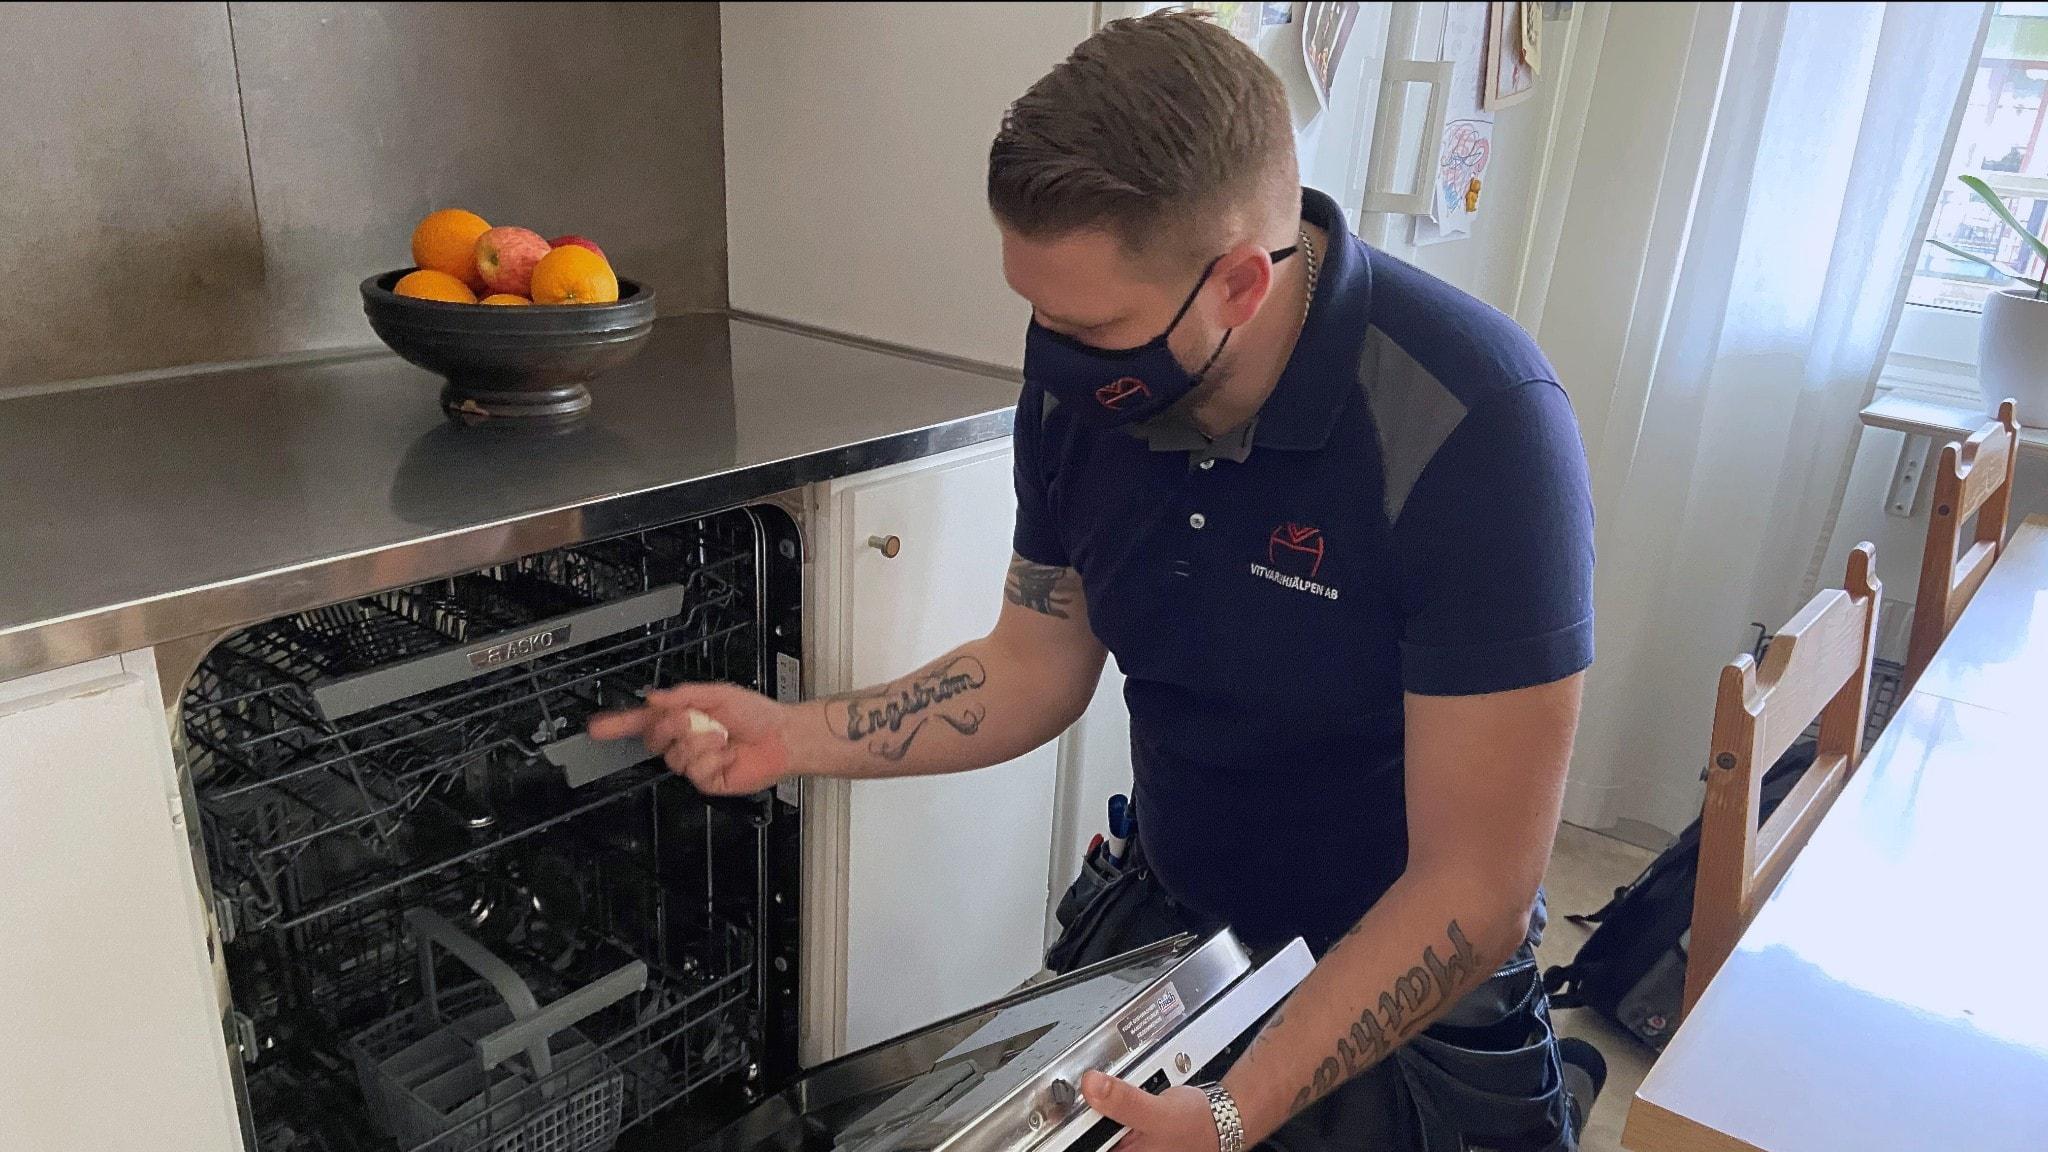 Reparatören Göran Engström undersöker en diskmaskin som börjat läcka bara några månader efter inköp.